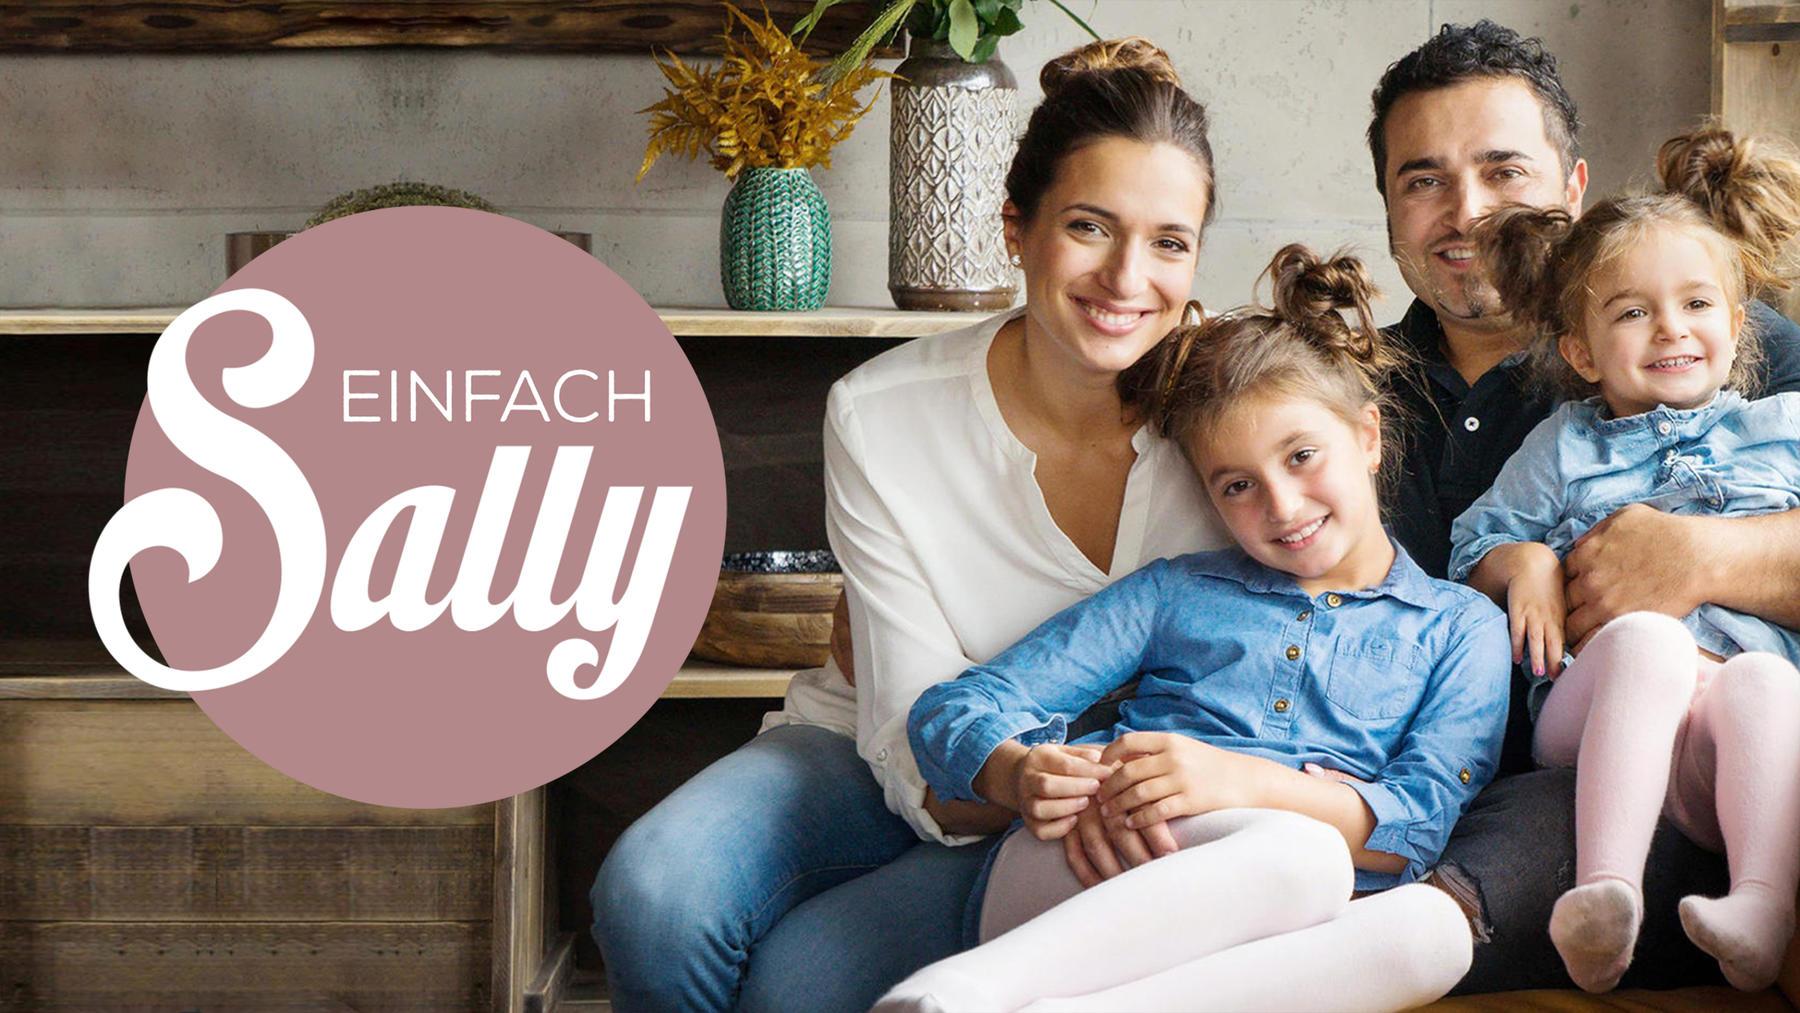 Einfach Sally